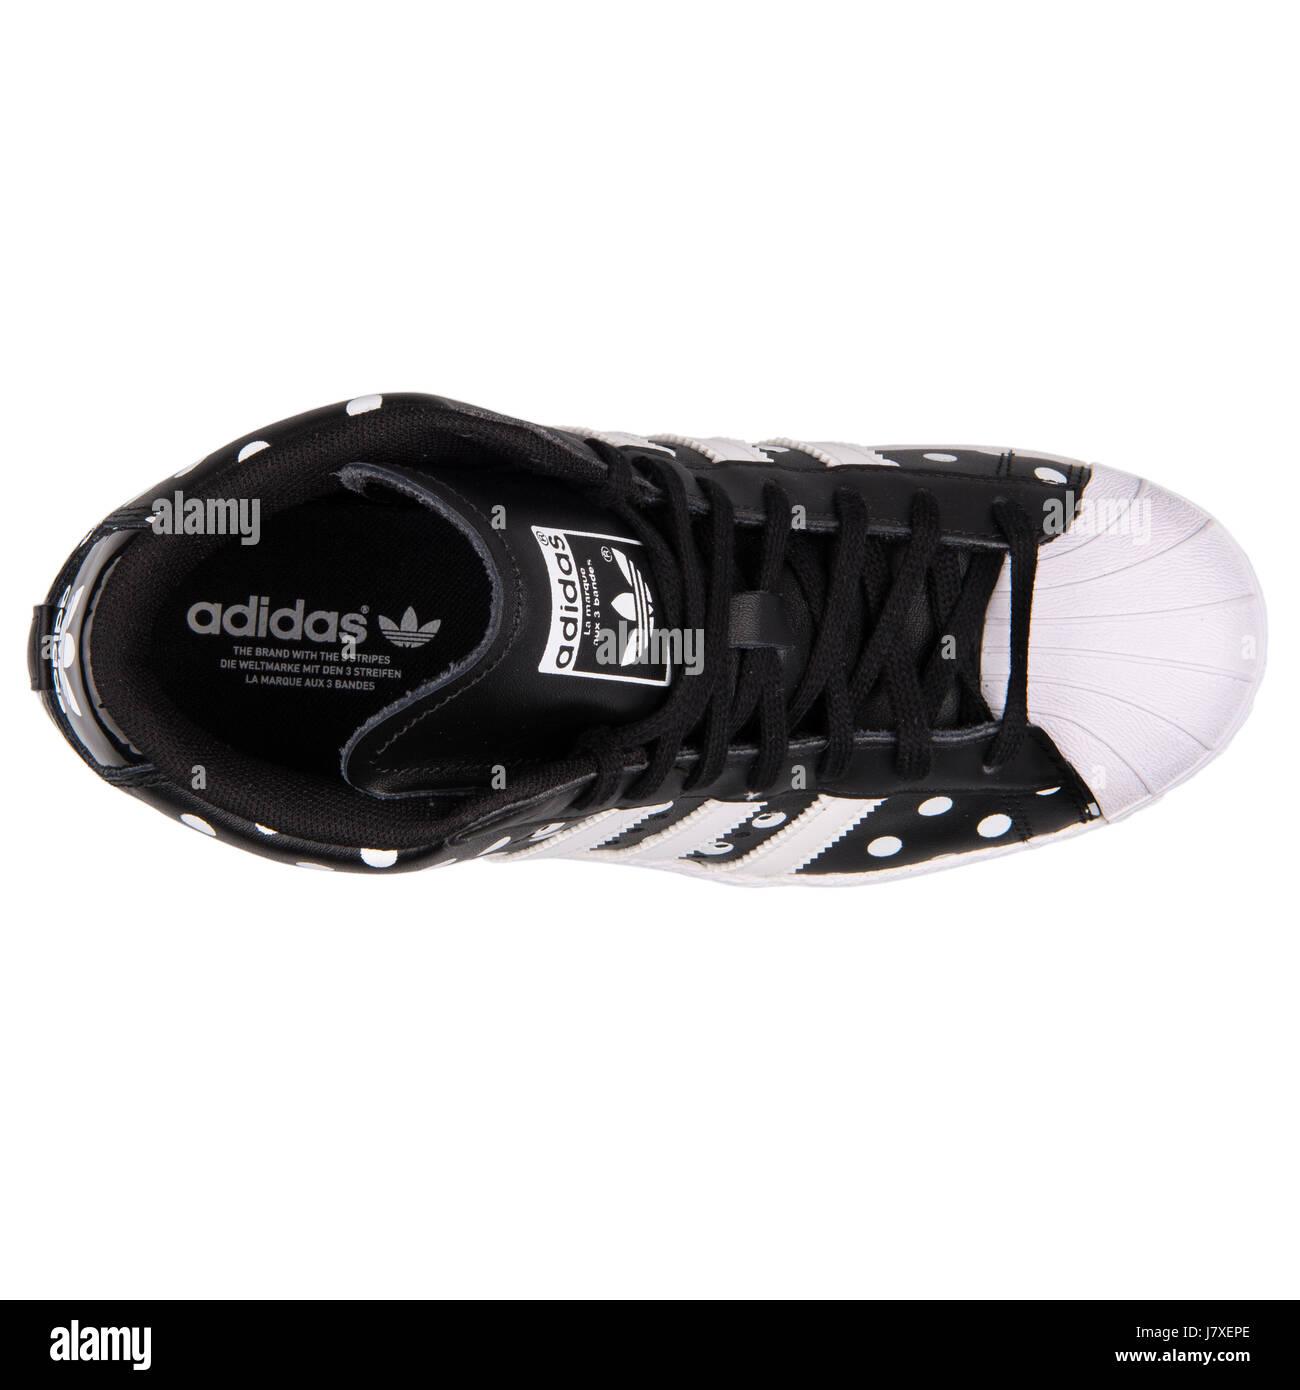 adidas superstar su w le donne nere con puntini bianchi.